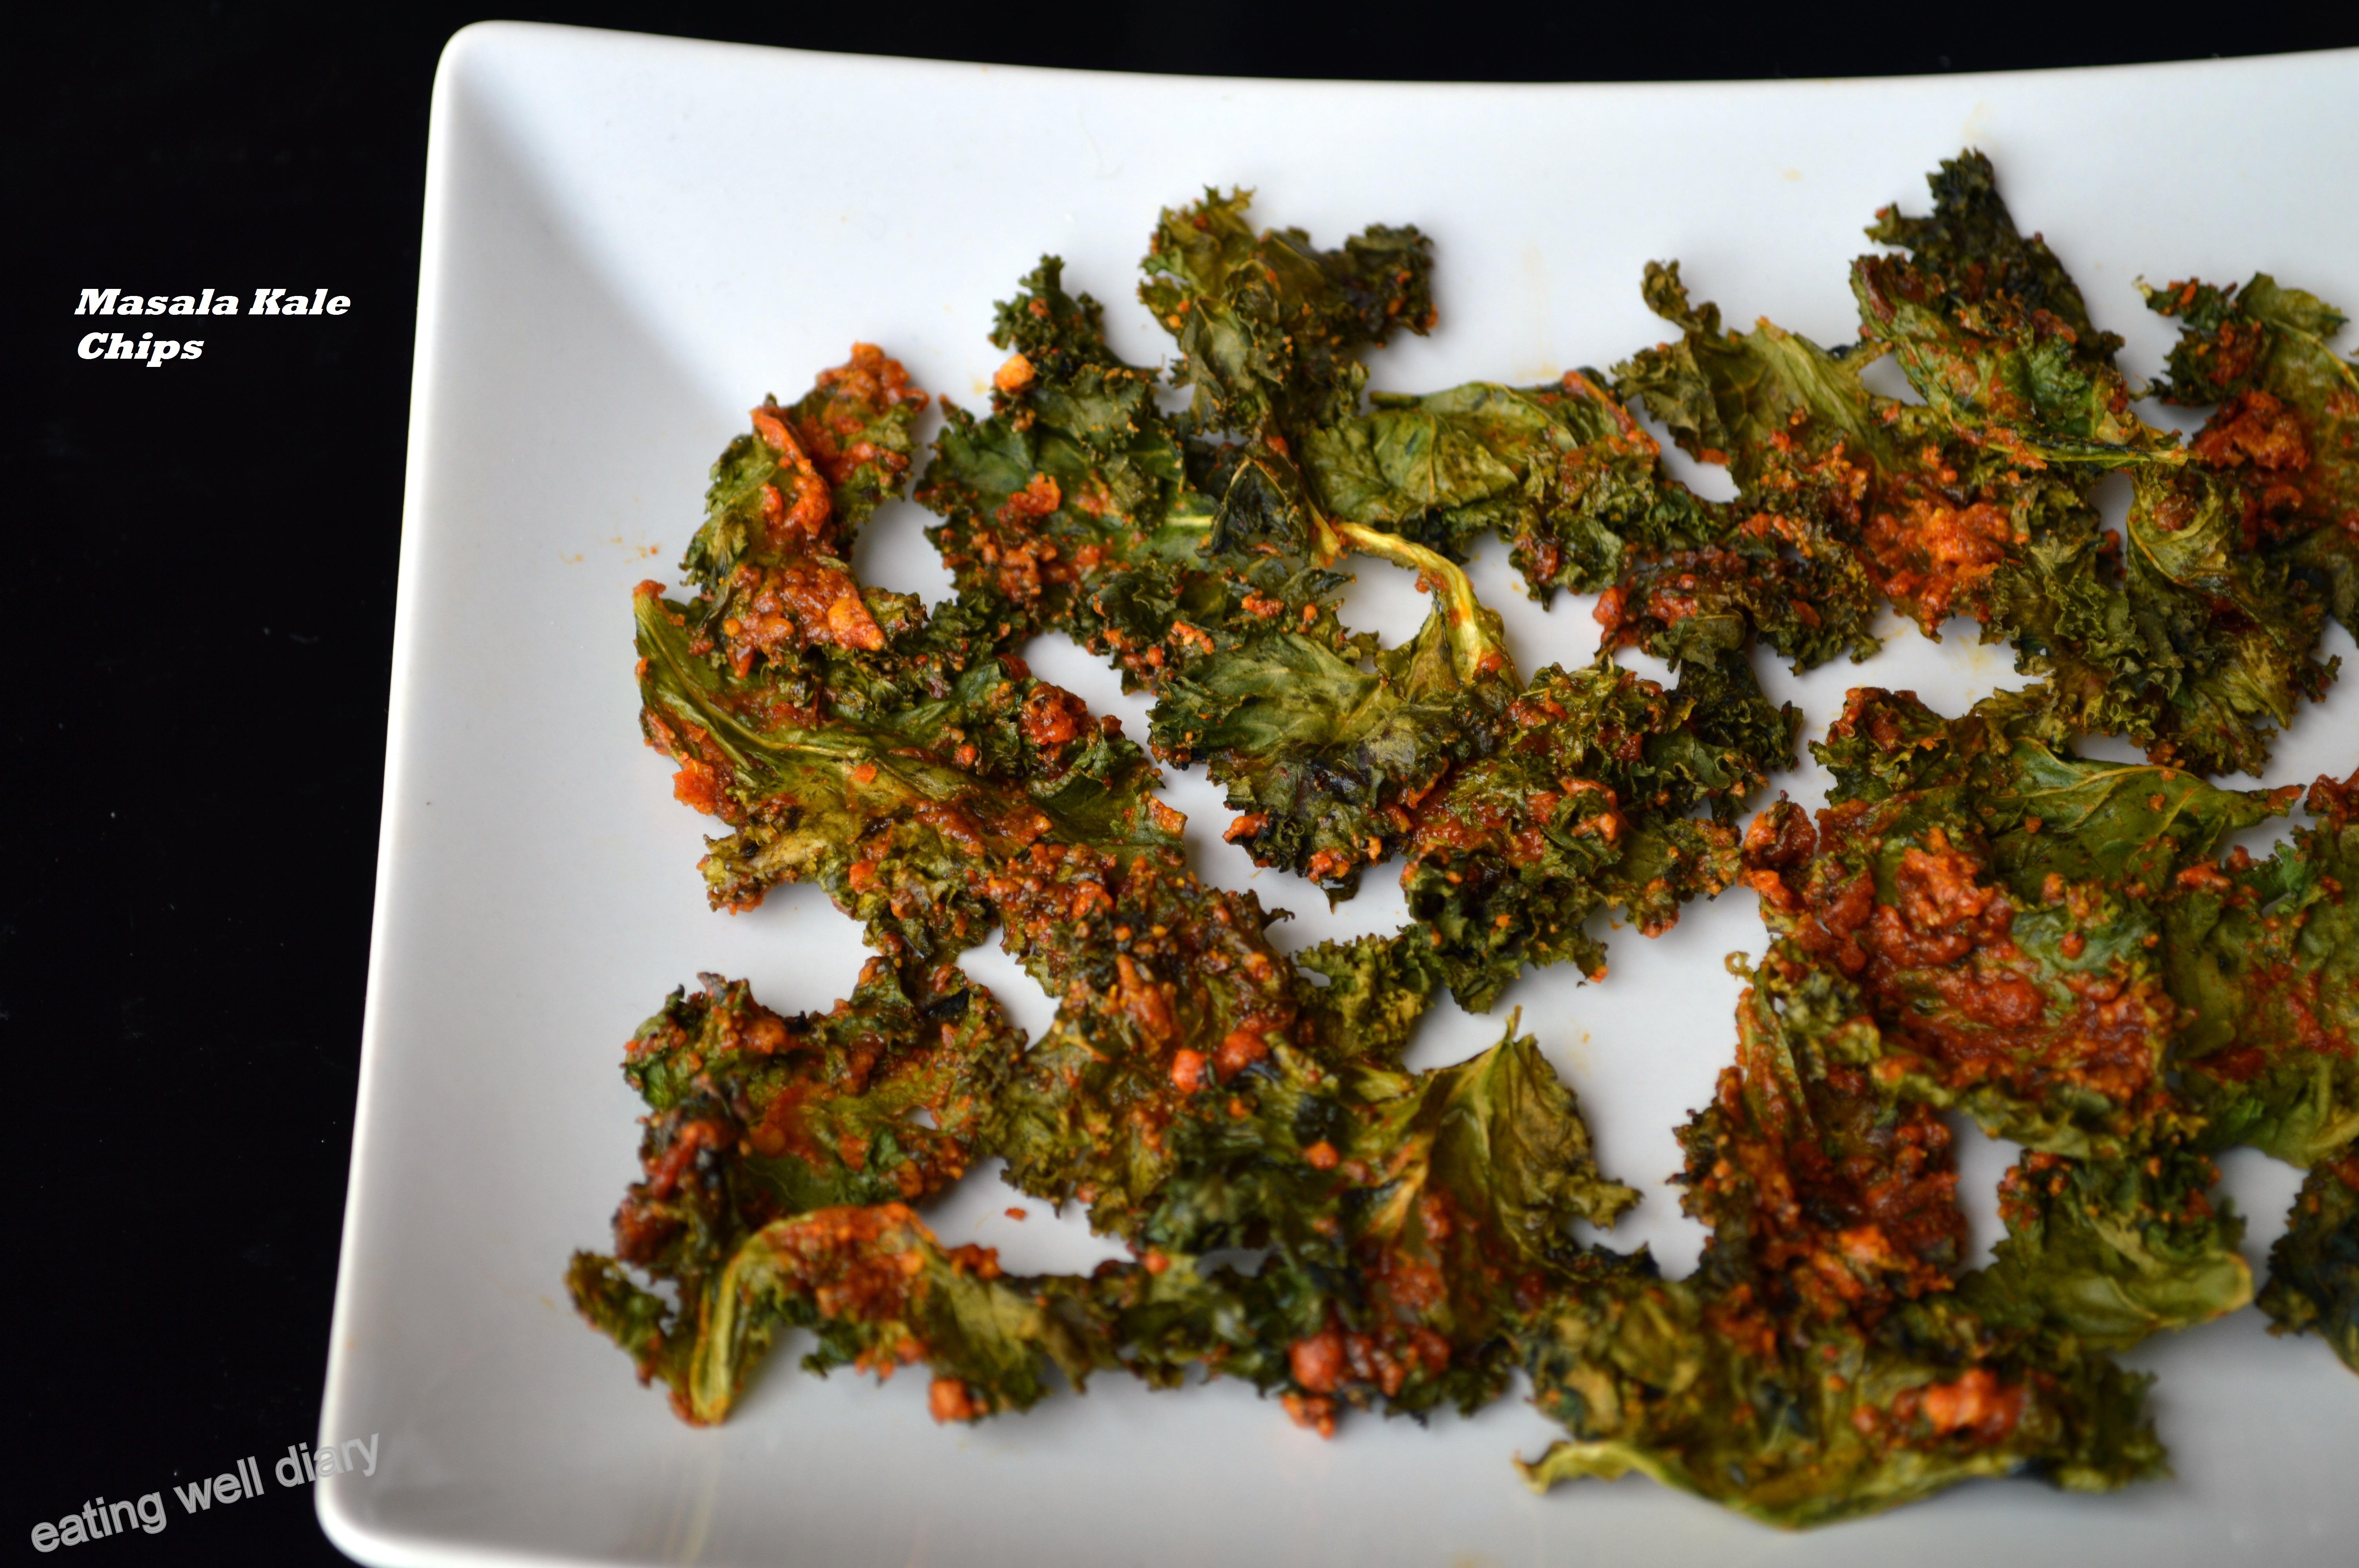 Oven Baked Masala Kale Chips